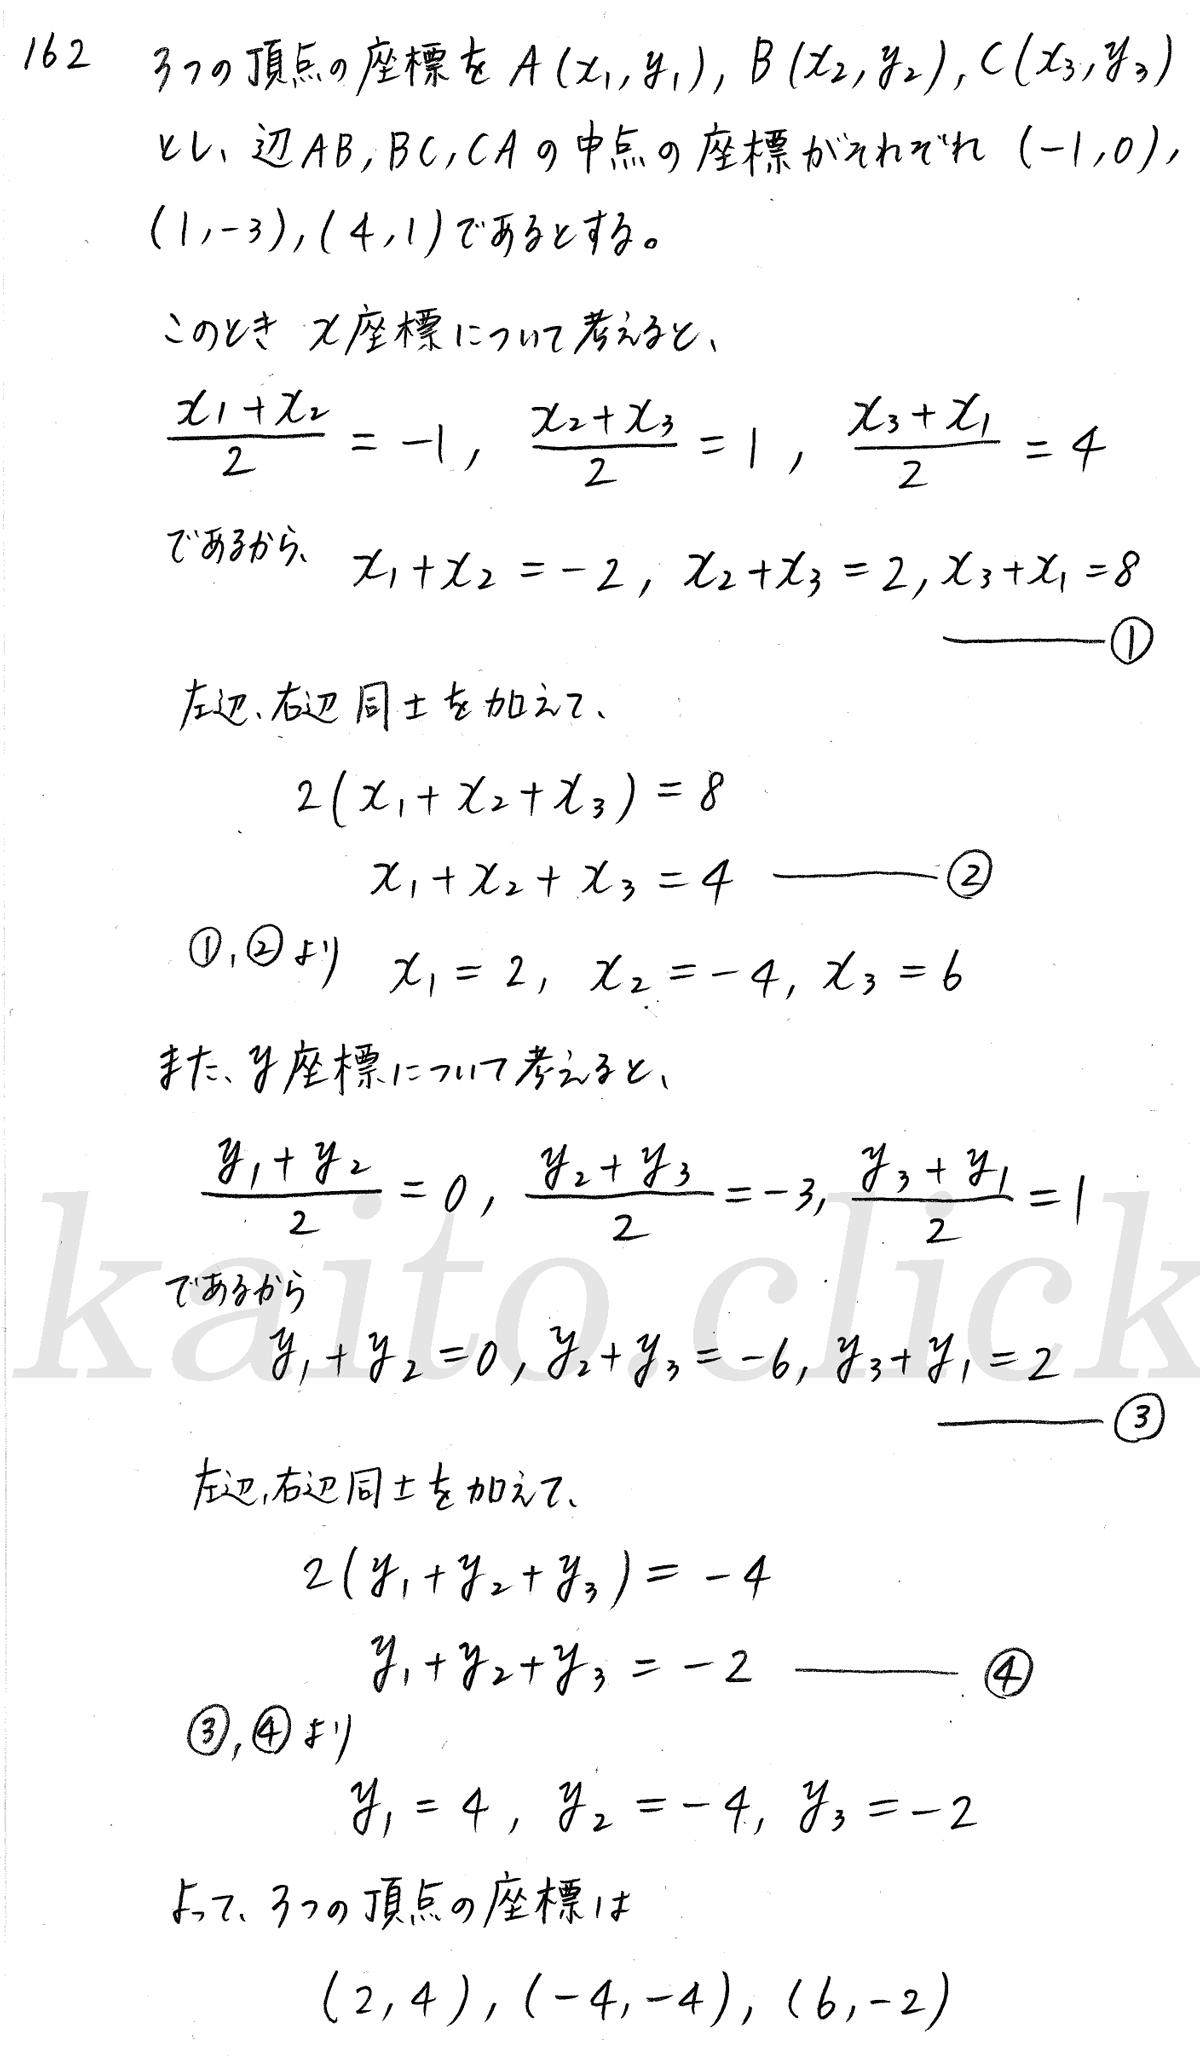 クリアー数学2-162解答